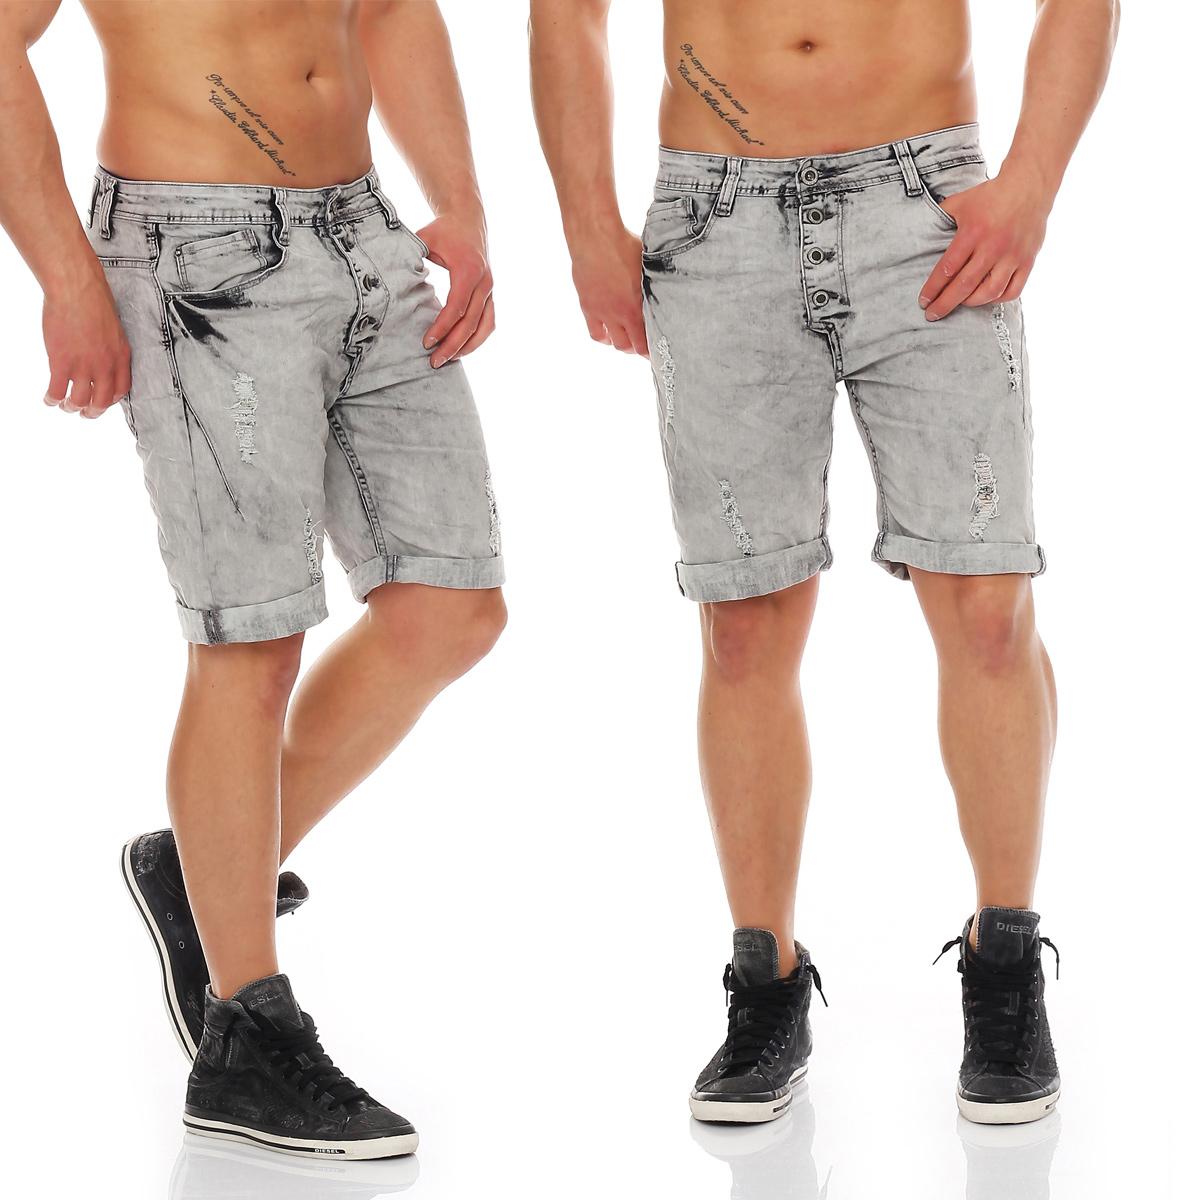 Herren Bermuda kurze Chino Shorts kurze Hose Cargo Pants Jeans ... 05e78ef265